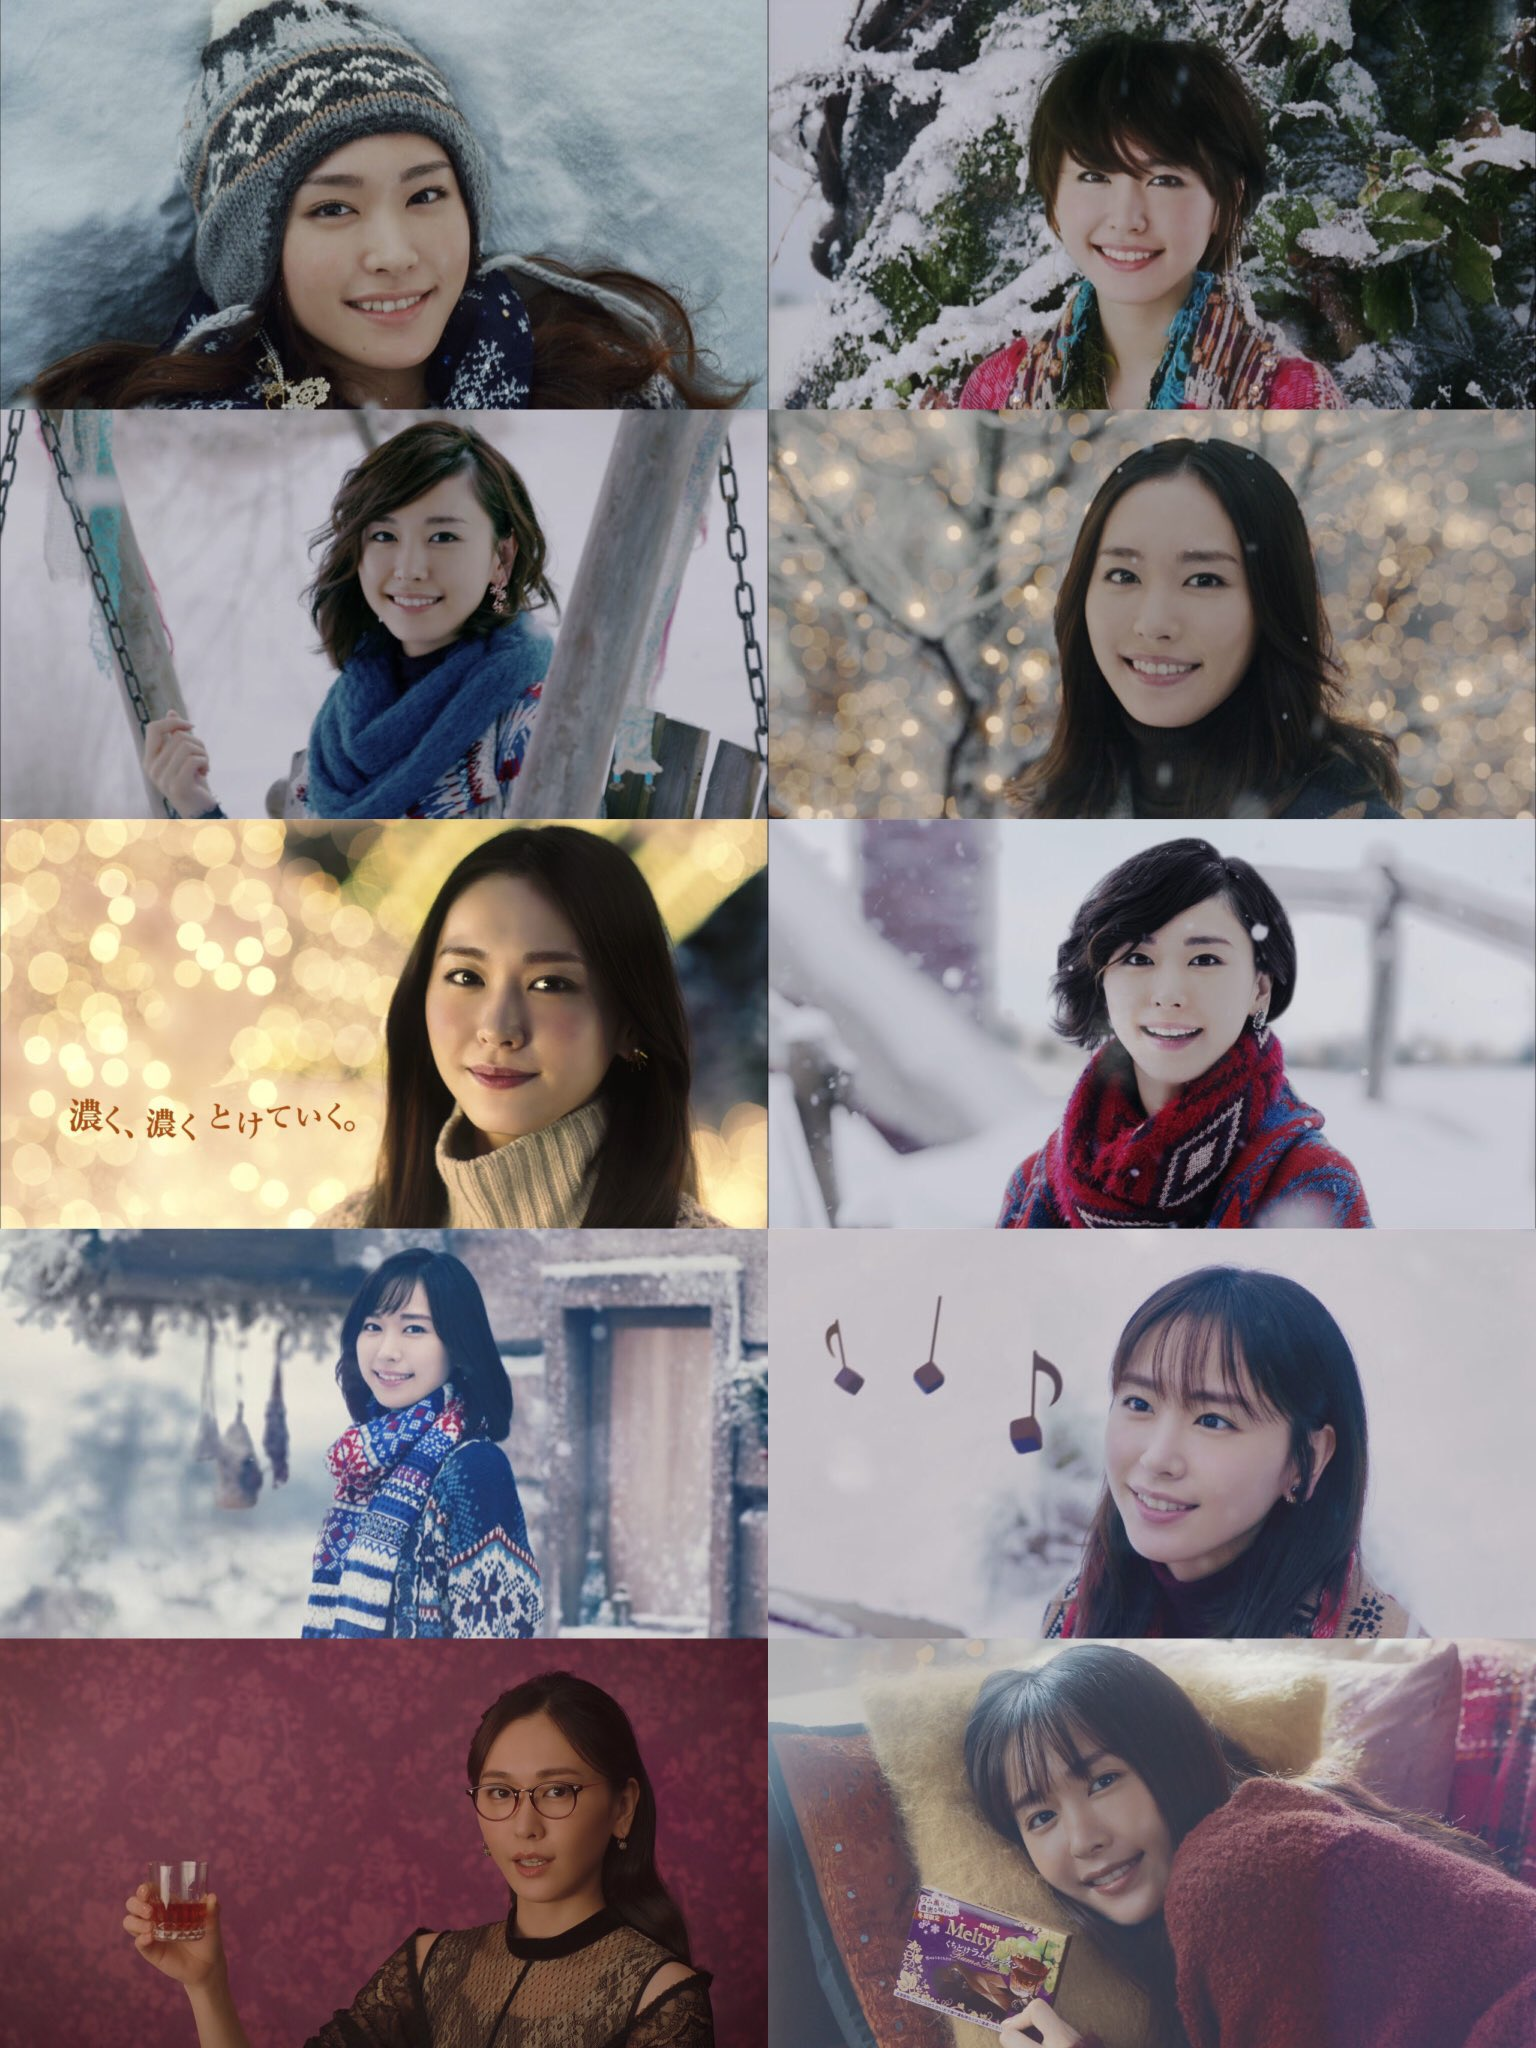 【画像】新垣結衣さん(32)、かわいい